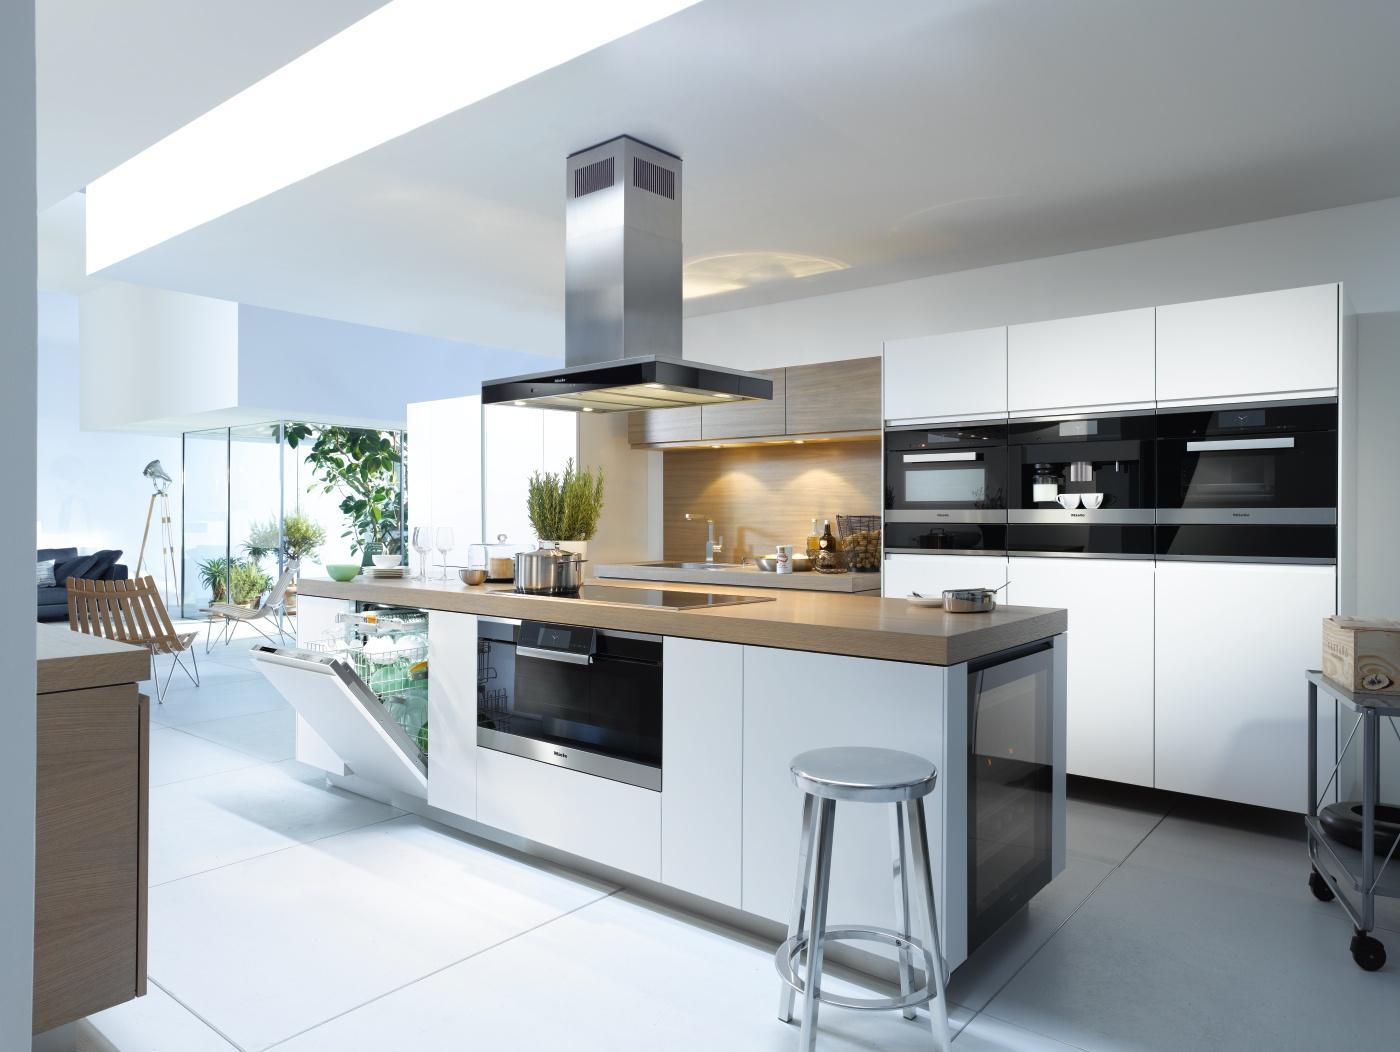 Kücheninsel, Küchenblock, Küchenhochschrank, Kücheneinbauschrank    Einbauküche